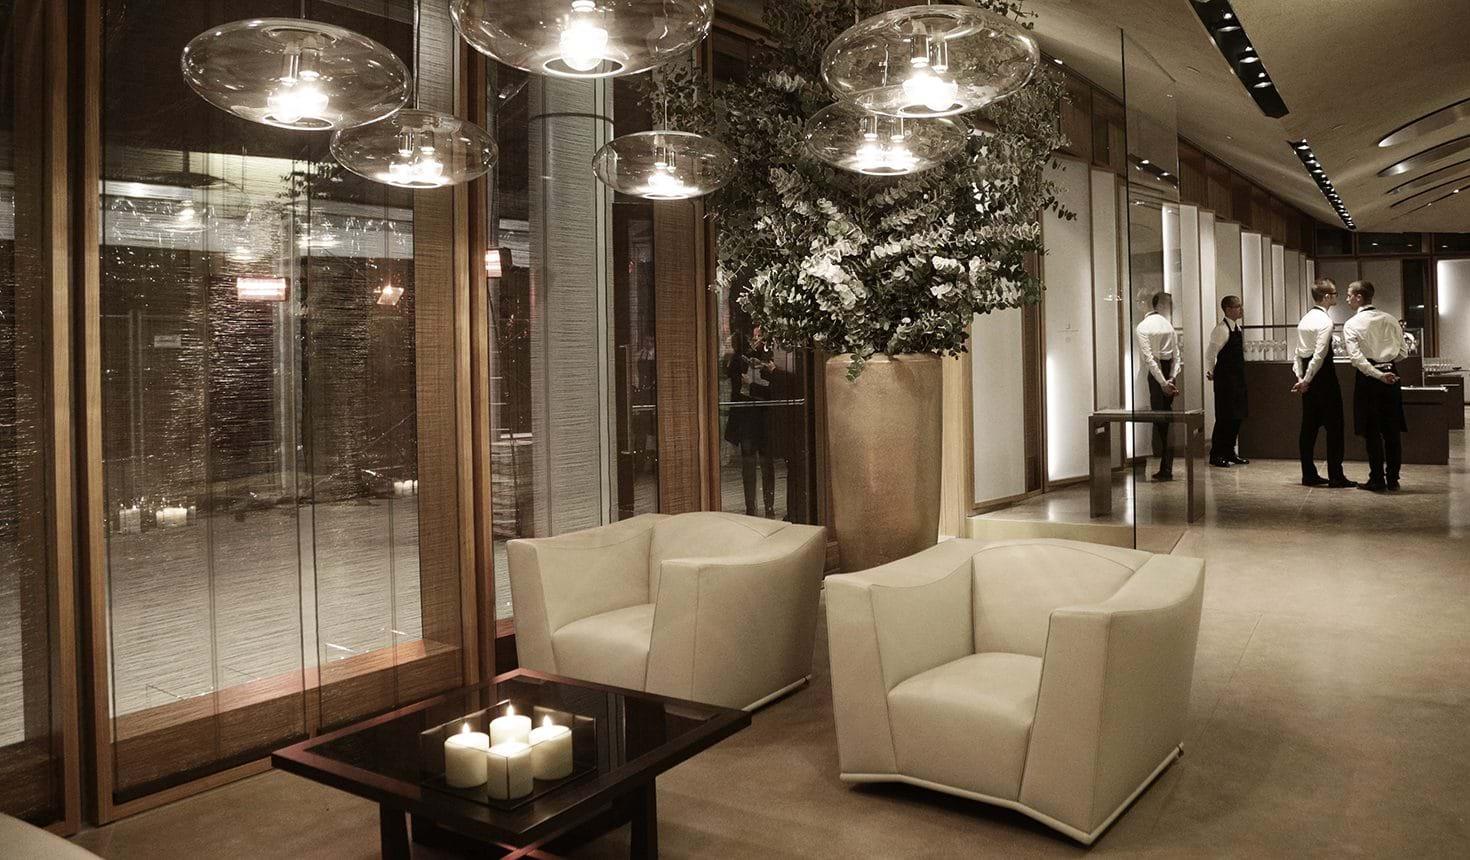 Ristorante Berton in Milan – Interior Design by Giorgetti